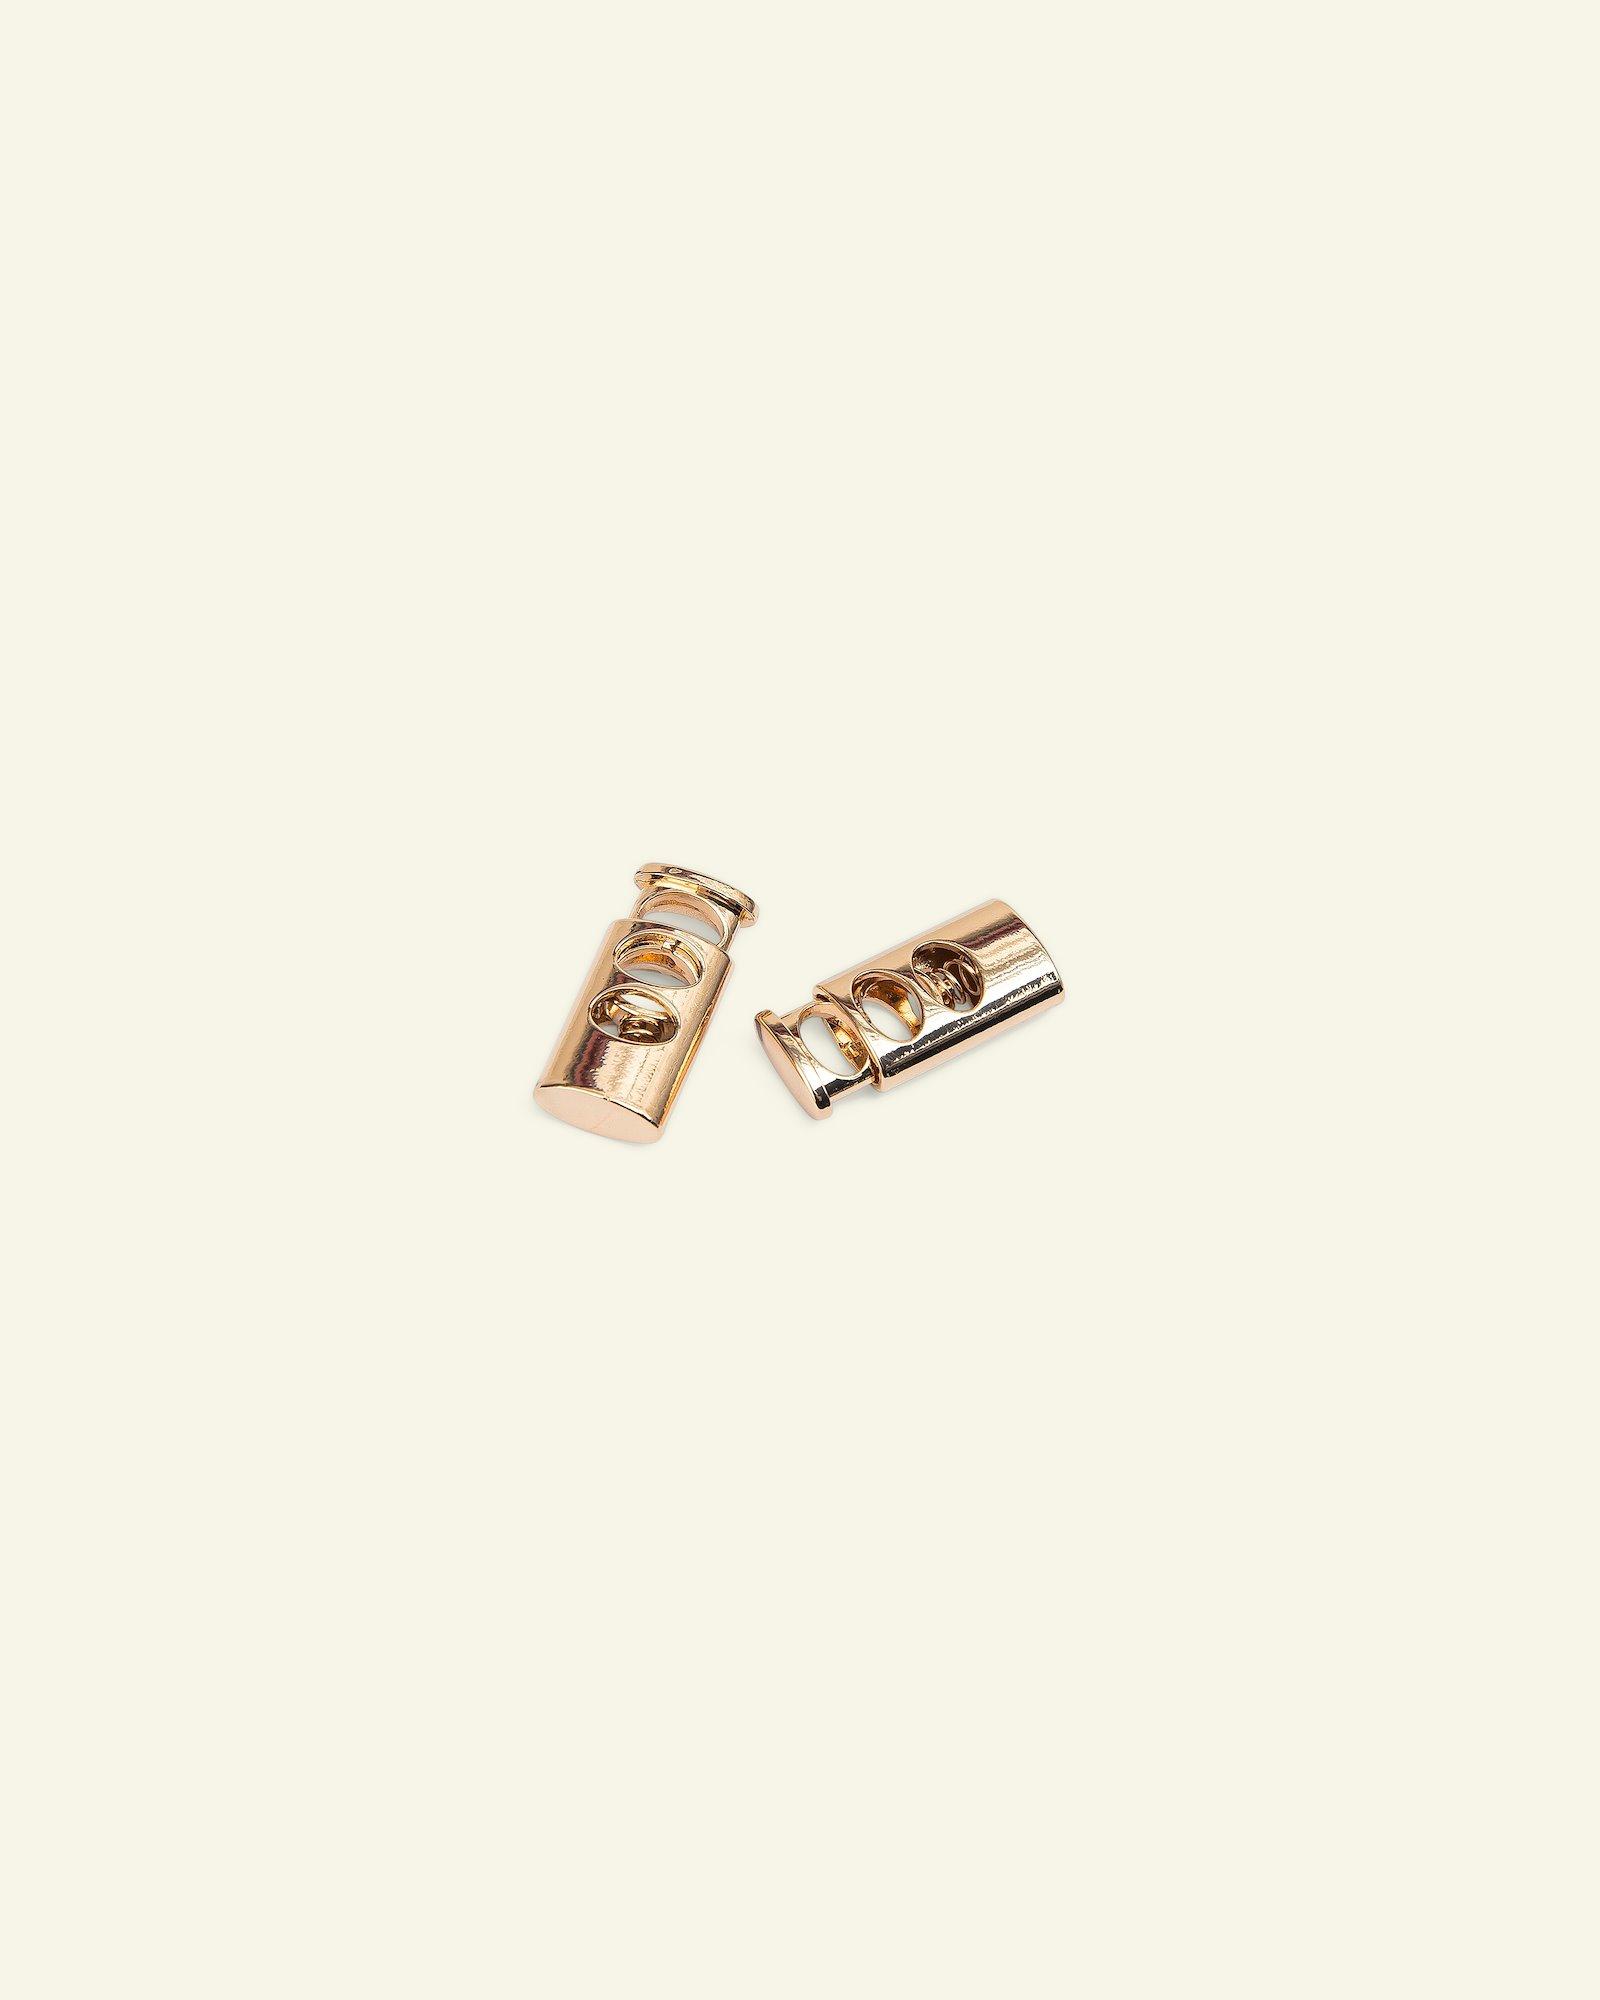 Cord lock metal 28x13mm gold 2pcs